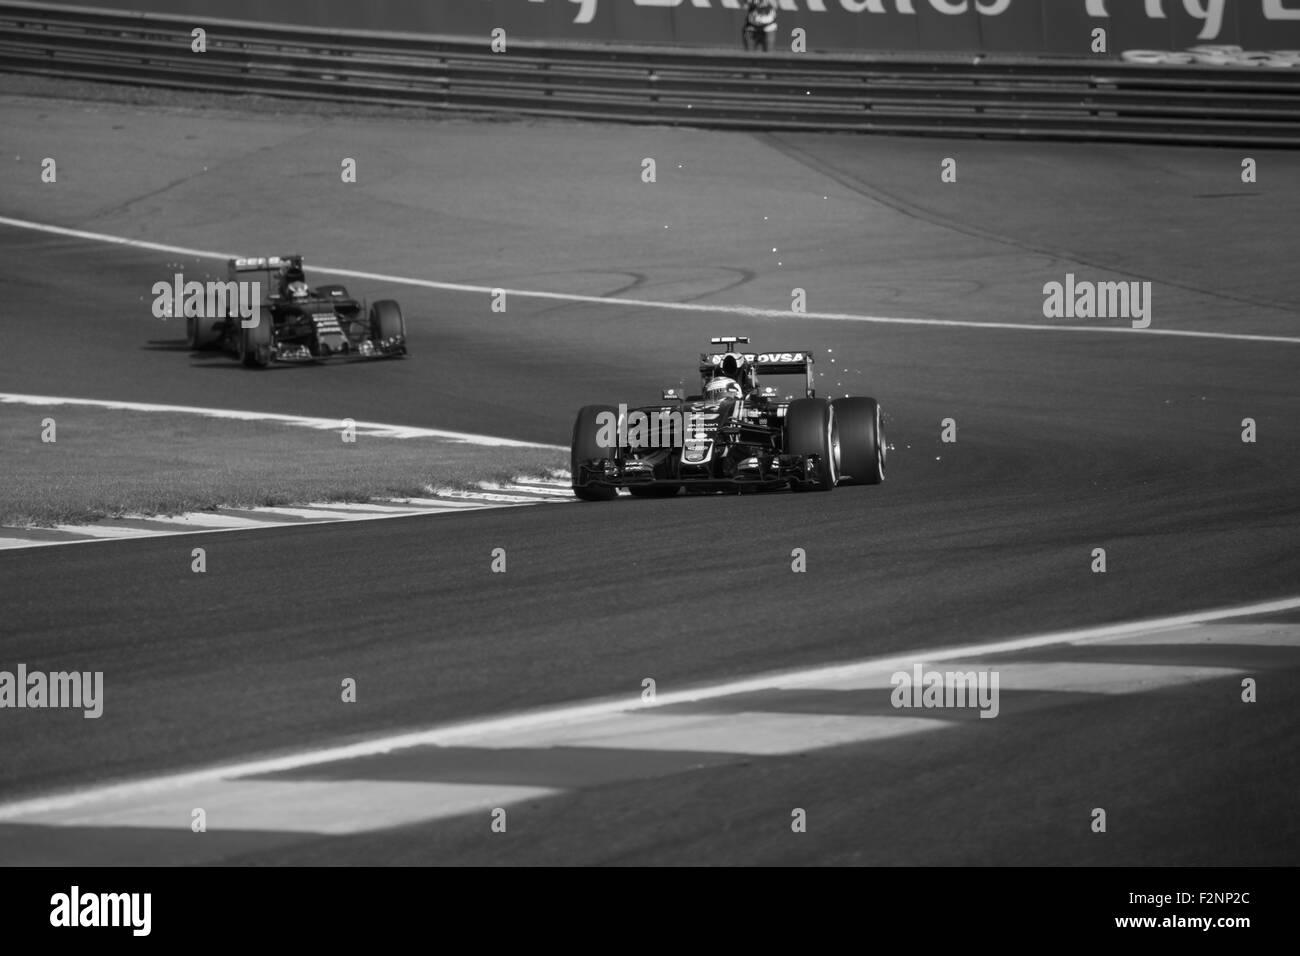 Spa Francorchamps Formel 1 2015 Saison Williams üben Freitag